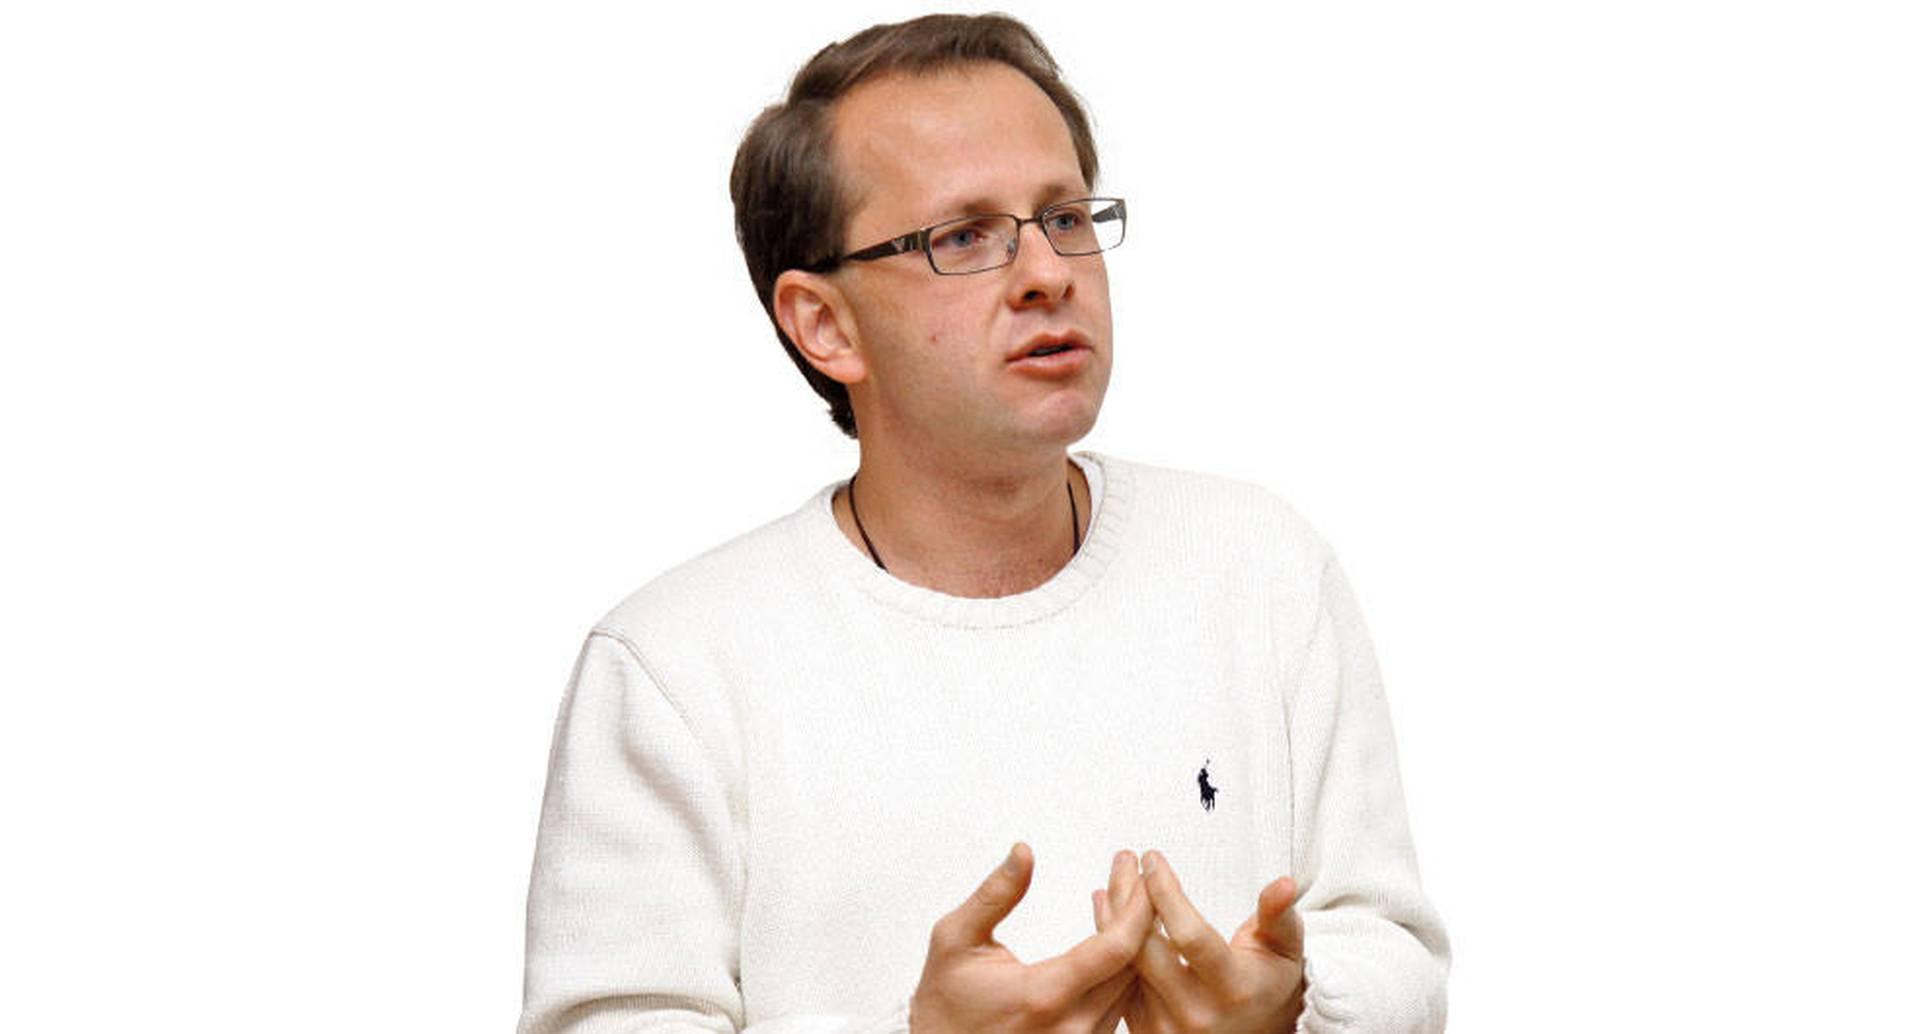 El exministro Andrés Felipe Arias ha señalado que el fallo que lo condenó a 17 años de prisión provino de una Corte politizada que lo encontró responsable sin pruebas.